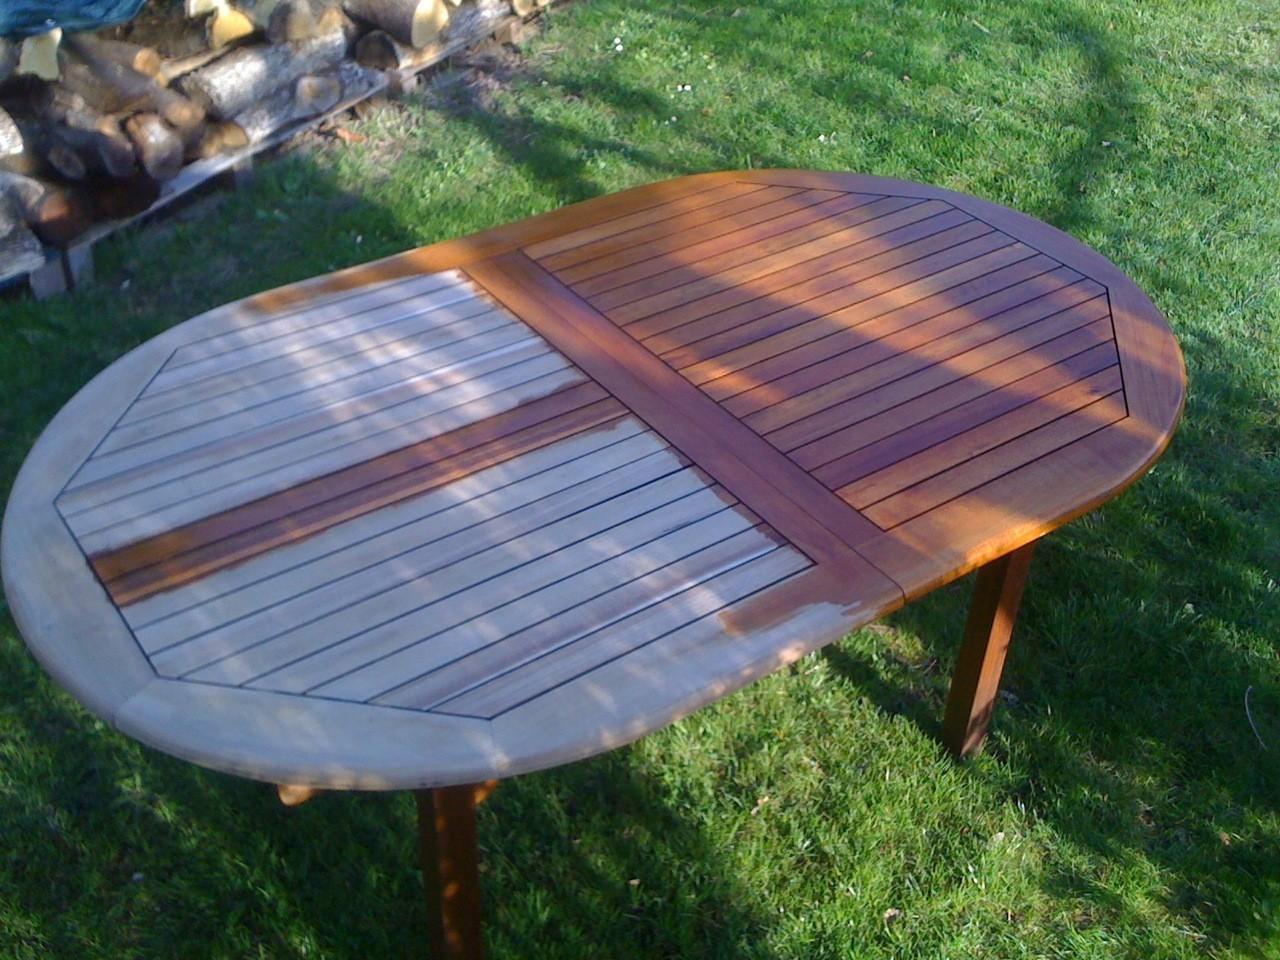 Peindre un salon de jardin en bois exotique - Abri de jardin ...